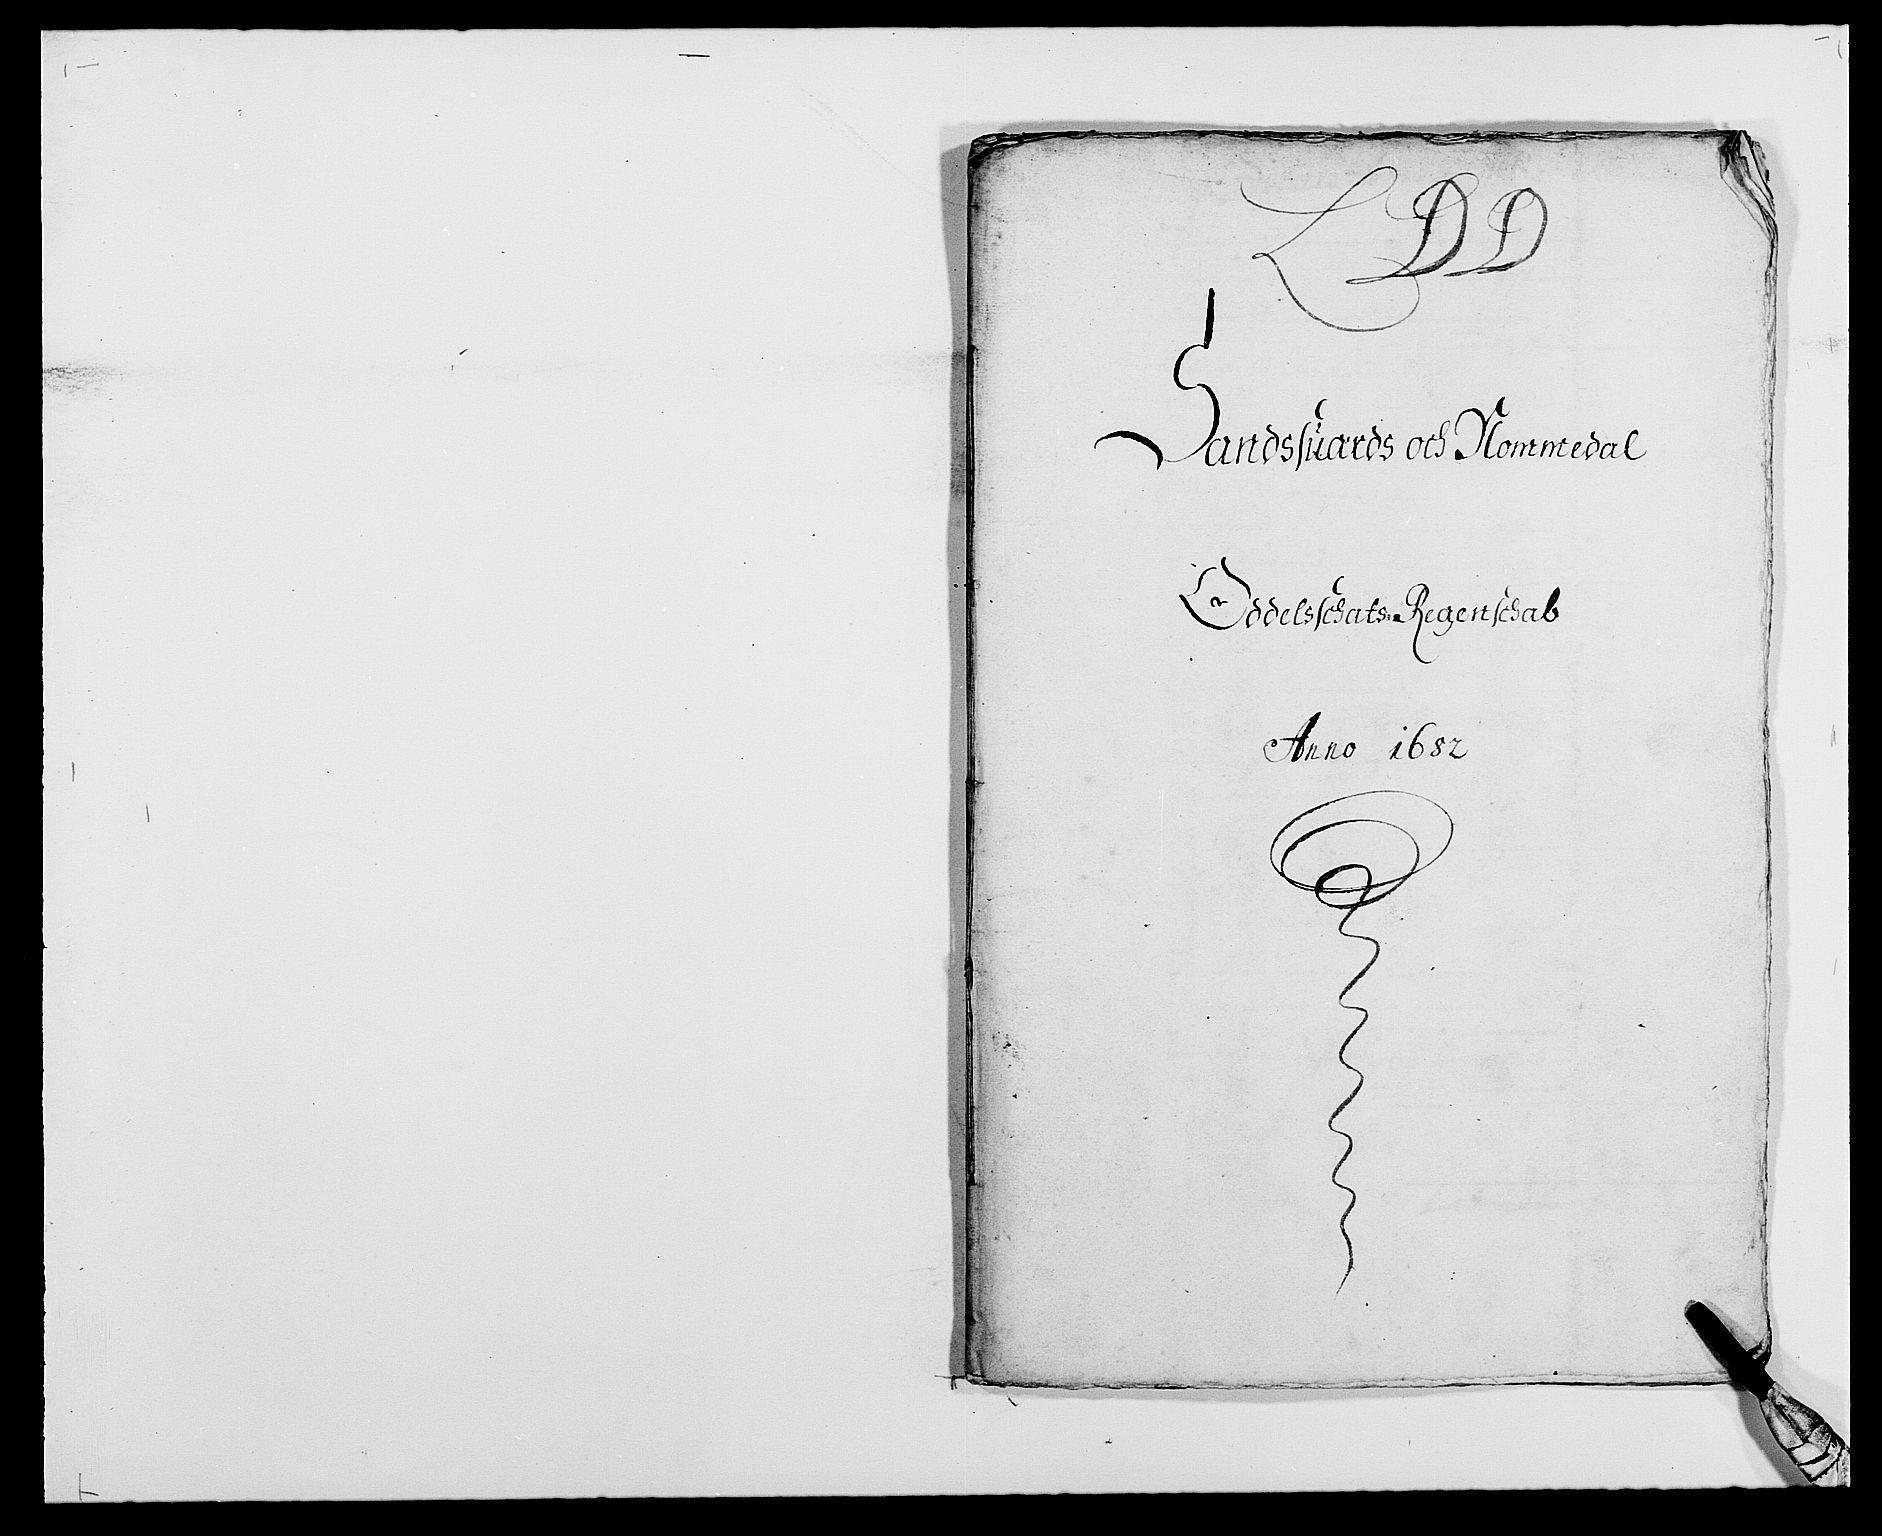 RA, Rentekammeret inntil 1814, Reviderte regnskaper, Fogderegnskap, R24/L1570: Fogderegnskap Numedal og Sandsvær, 1679-1686, s. 119